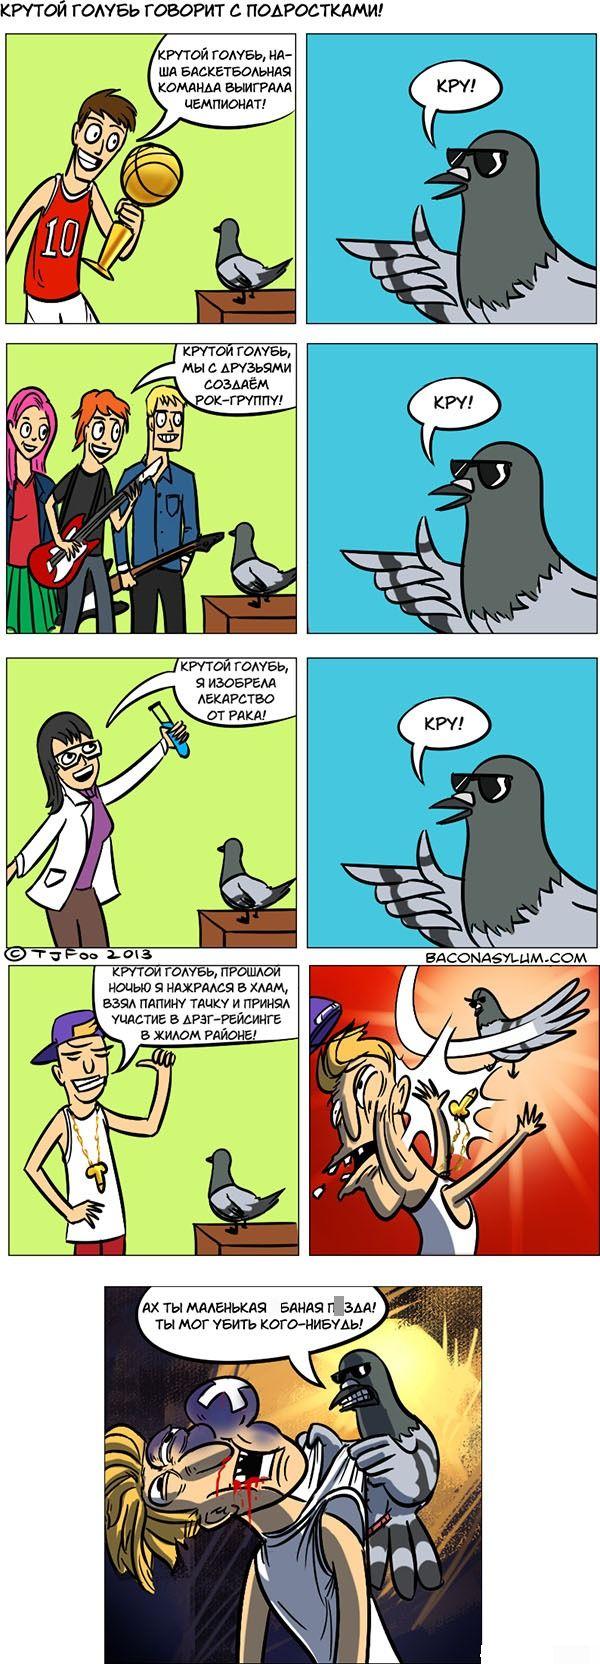 Большая подборка смешных, прикольных и веселых комиксов.